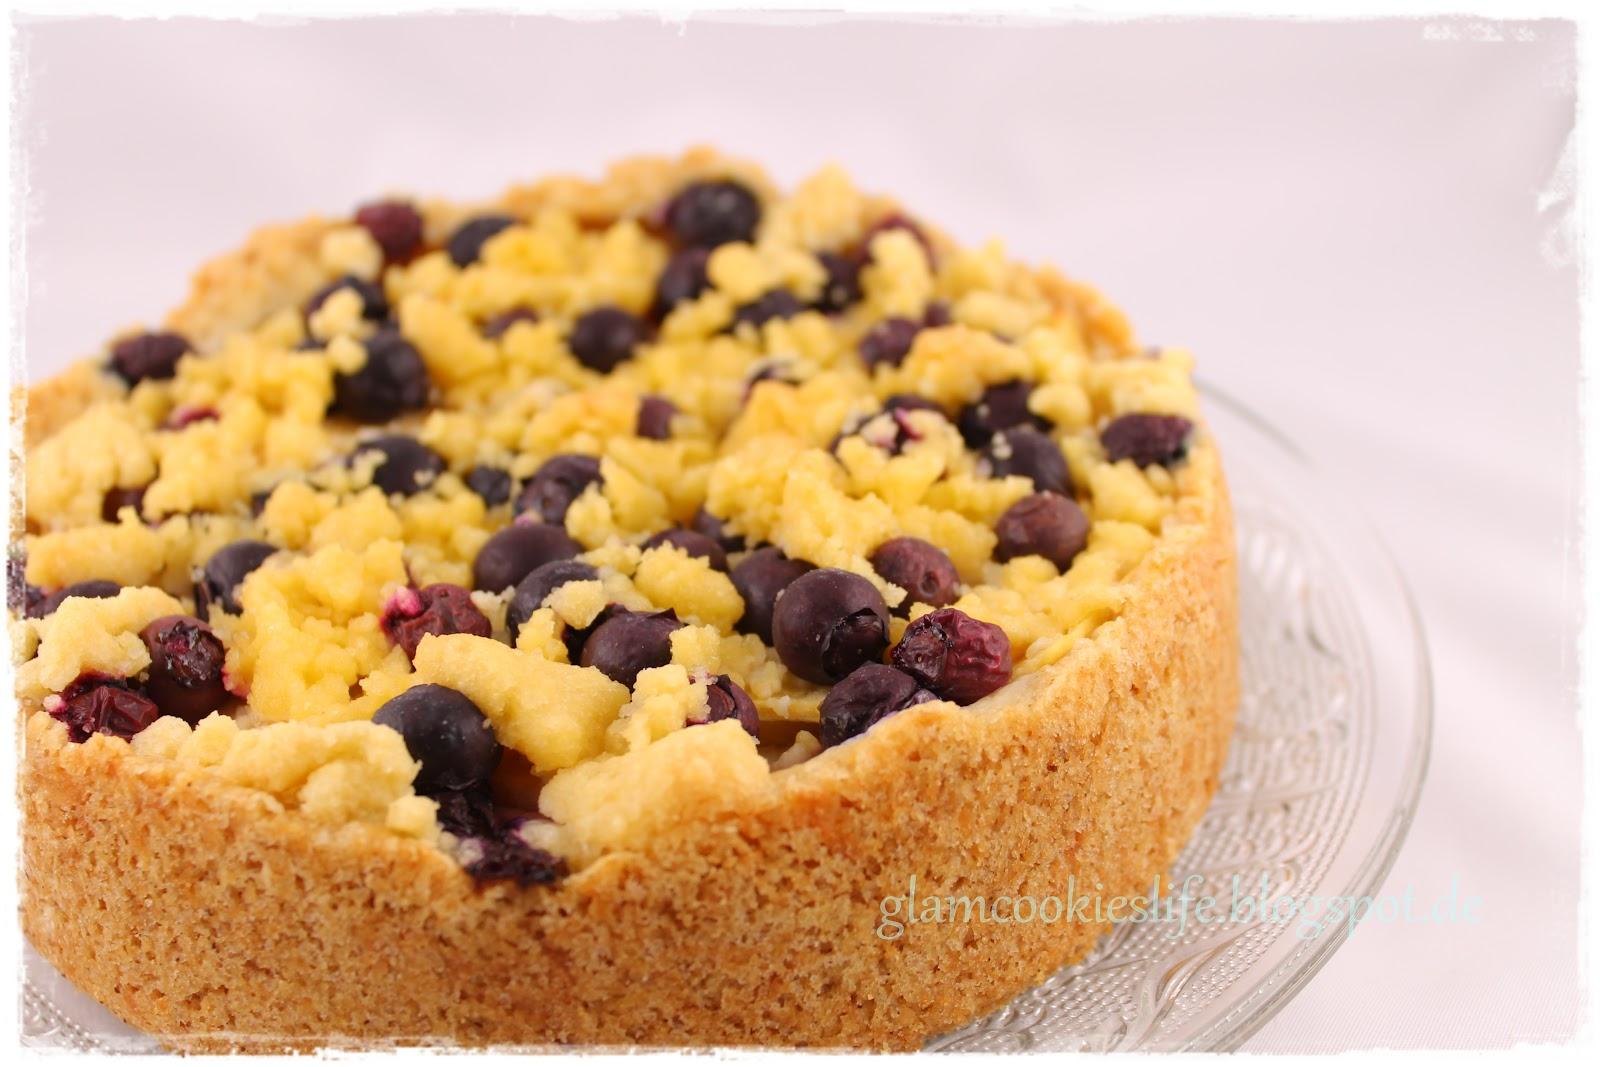 kleine obstkuchen rezepte beliebte gerichte und rezepte foto blog. Black Bedroom Furniture Sets. Home Design Ideas